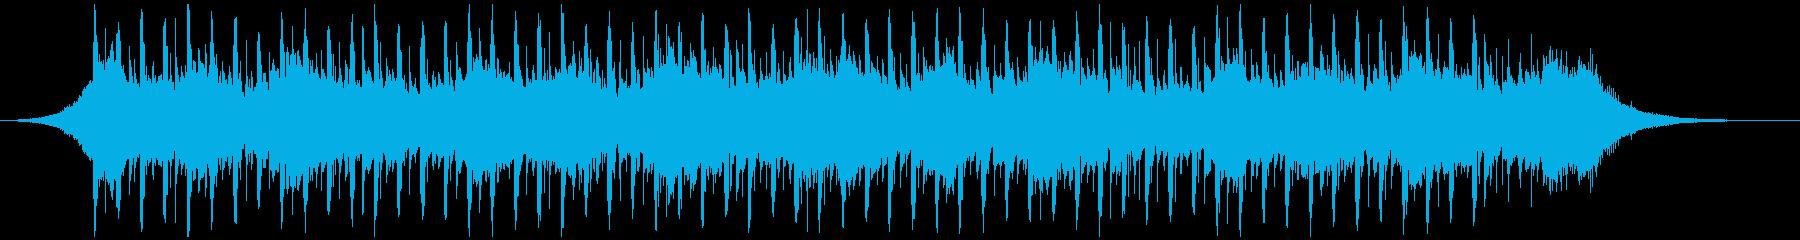 バックグラウンドインタビュー(42秒)の再生済みの波形